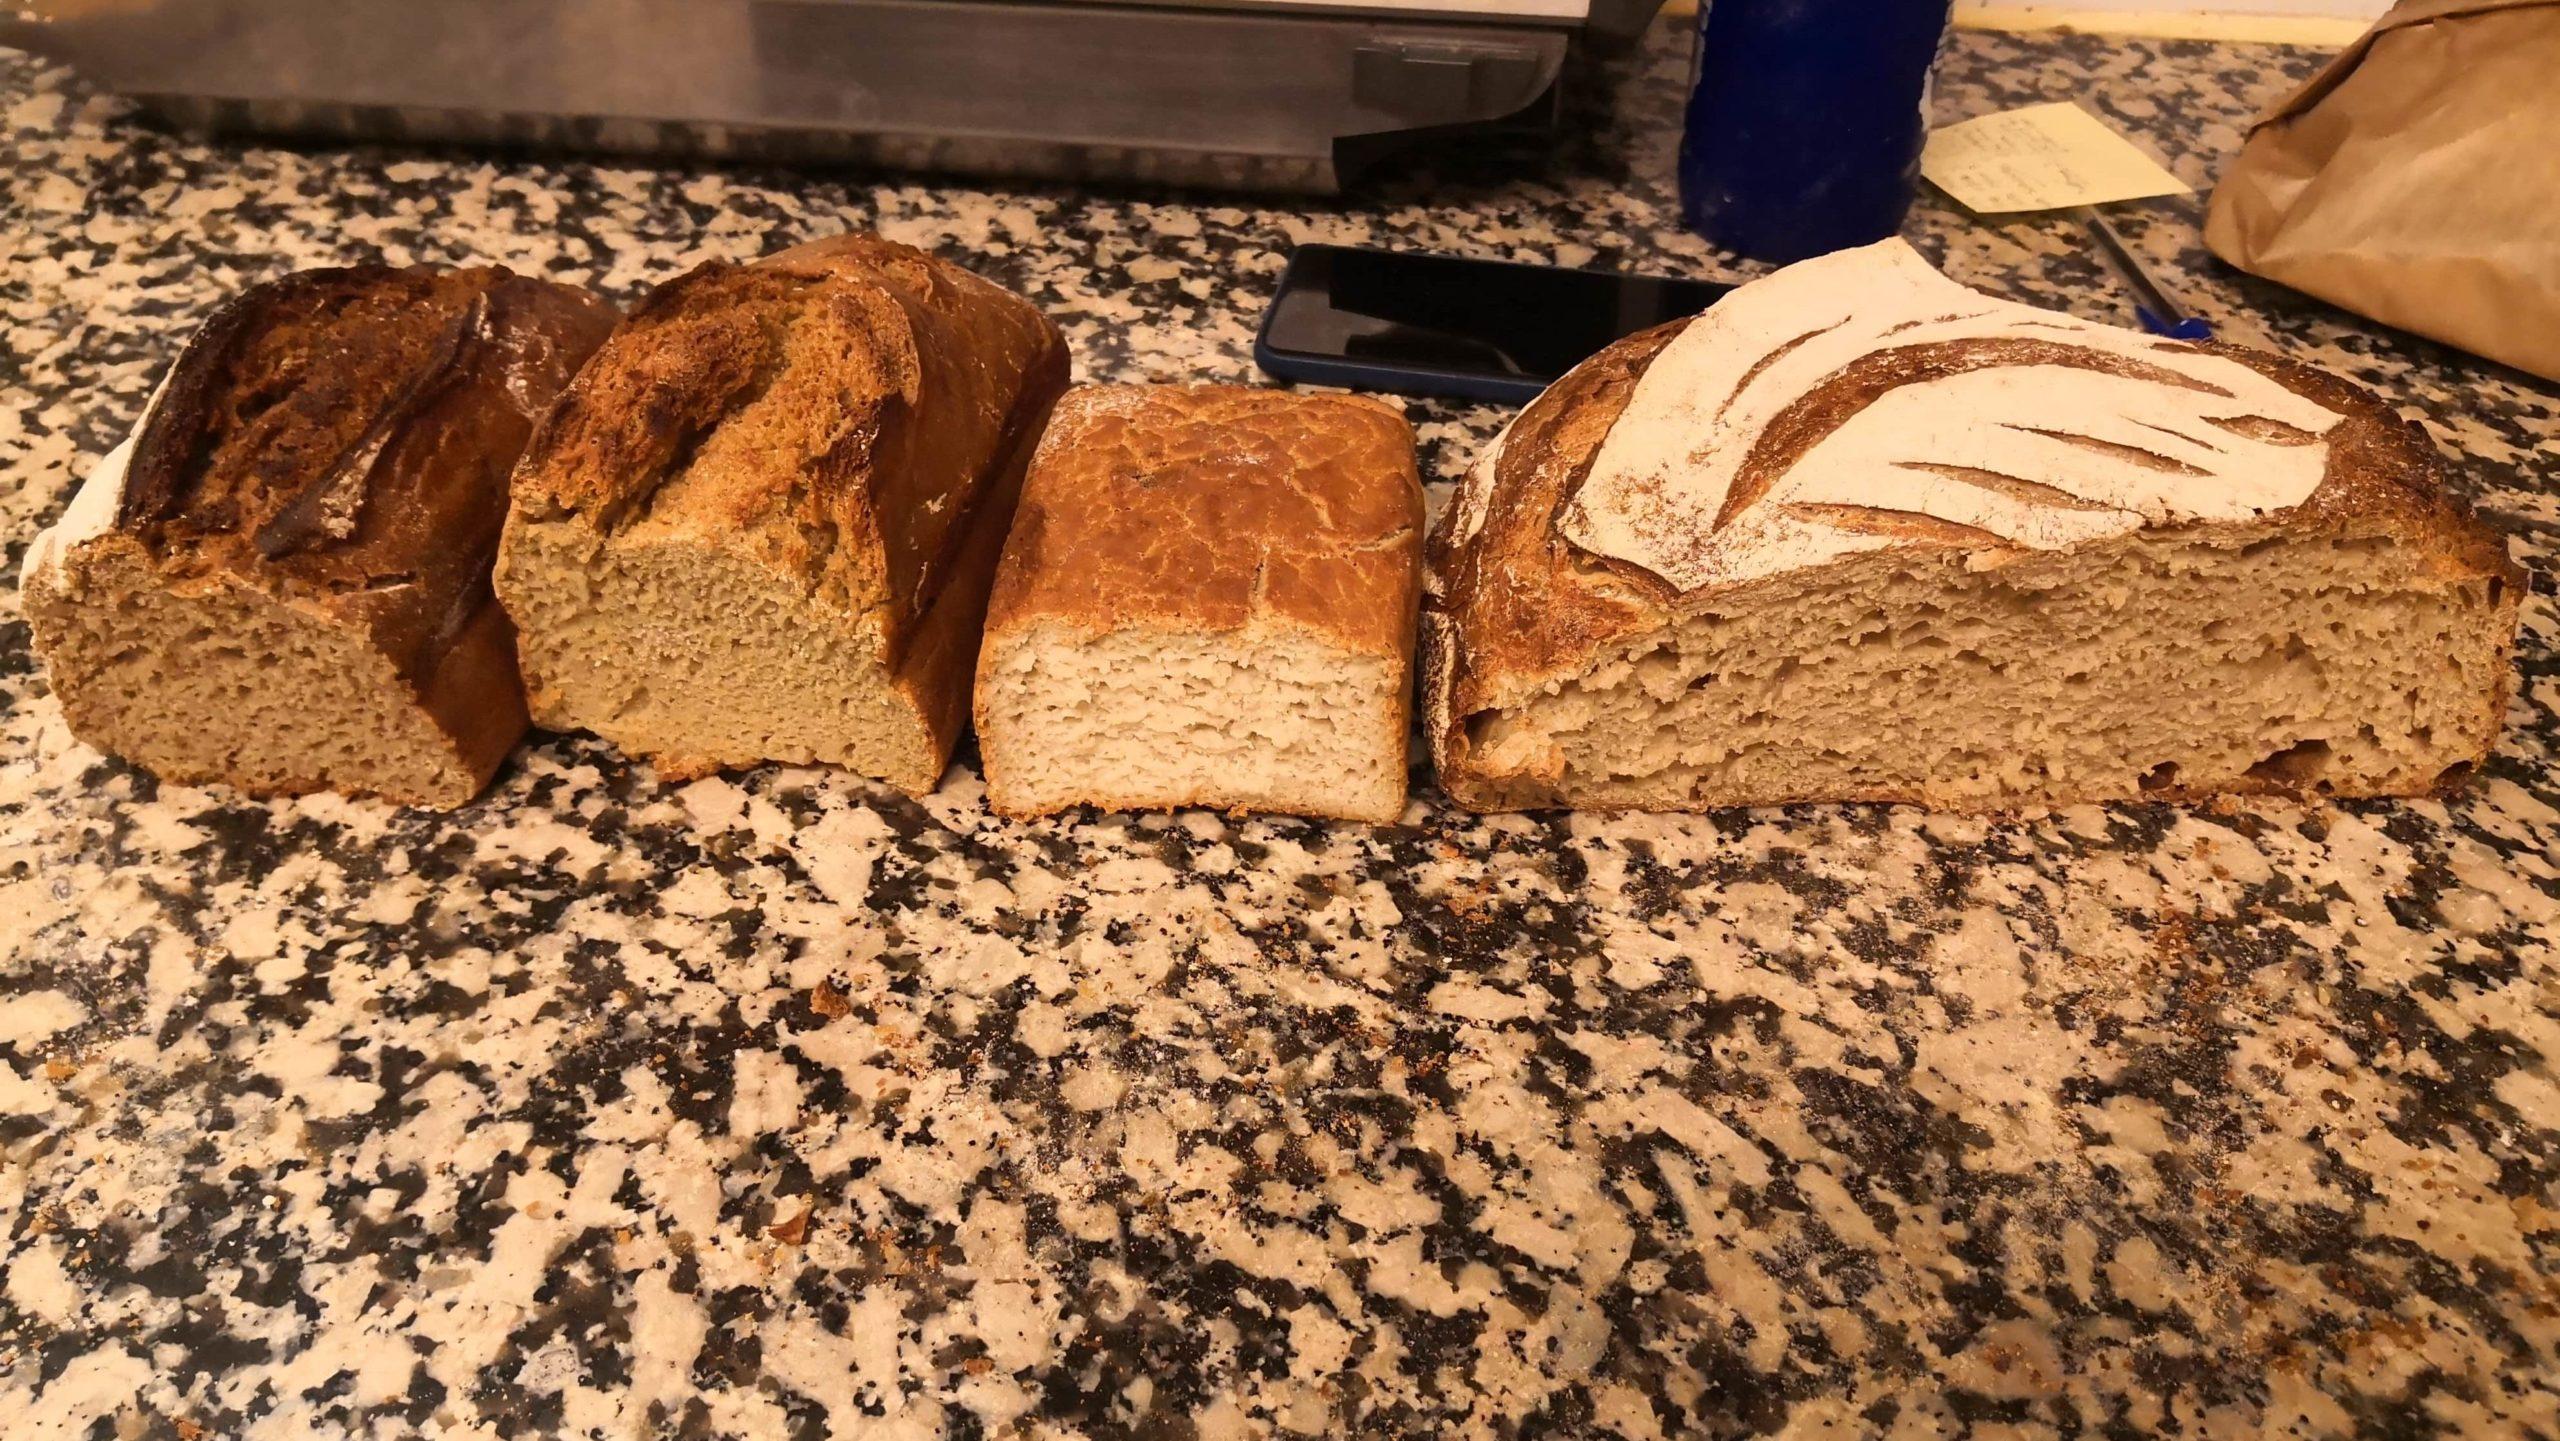 Présentation des pains au levain naturel - 1er test - boulangerie Les Frères Barioz Lyon